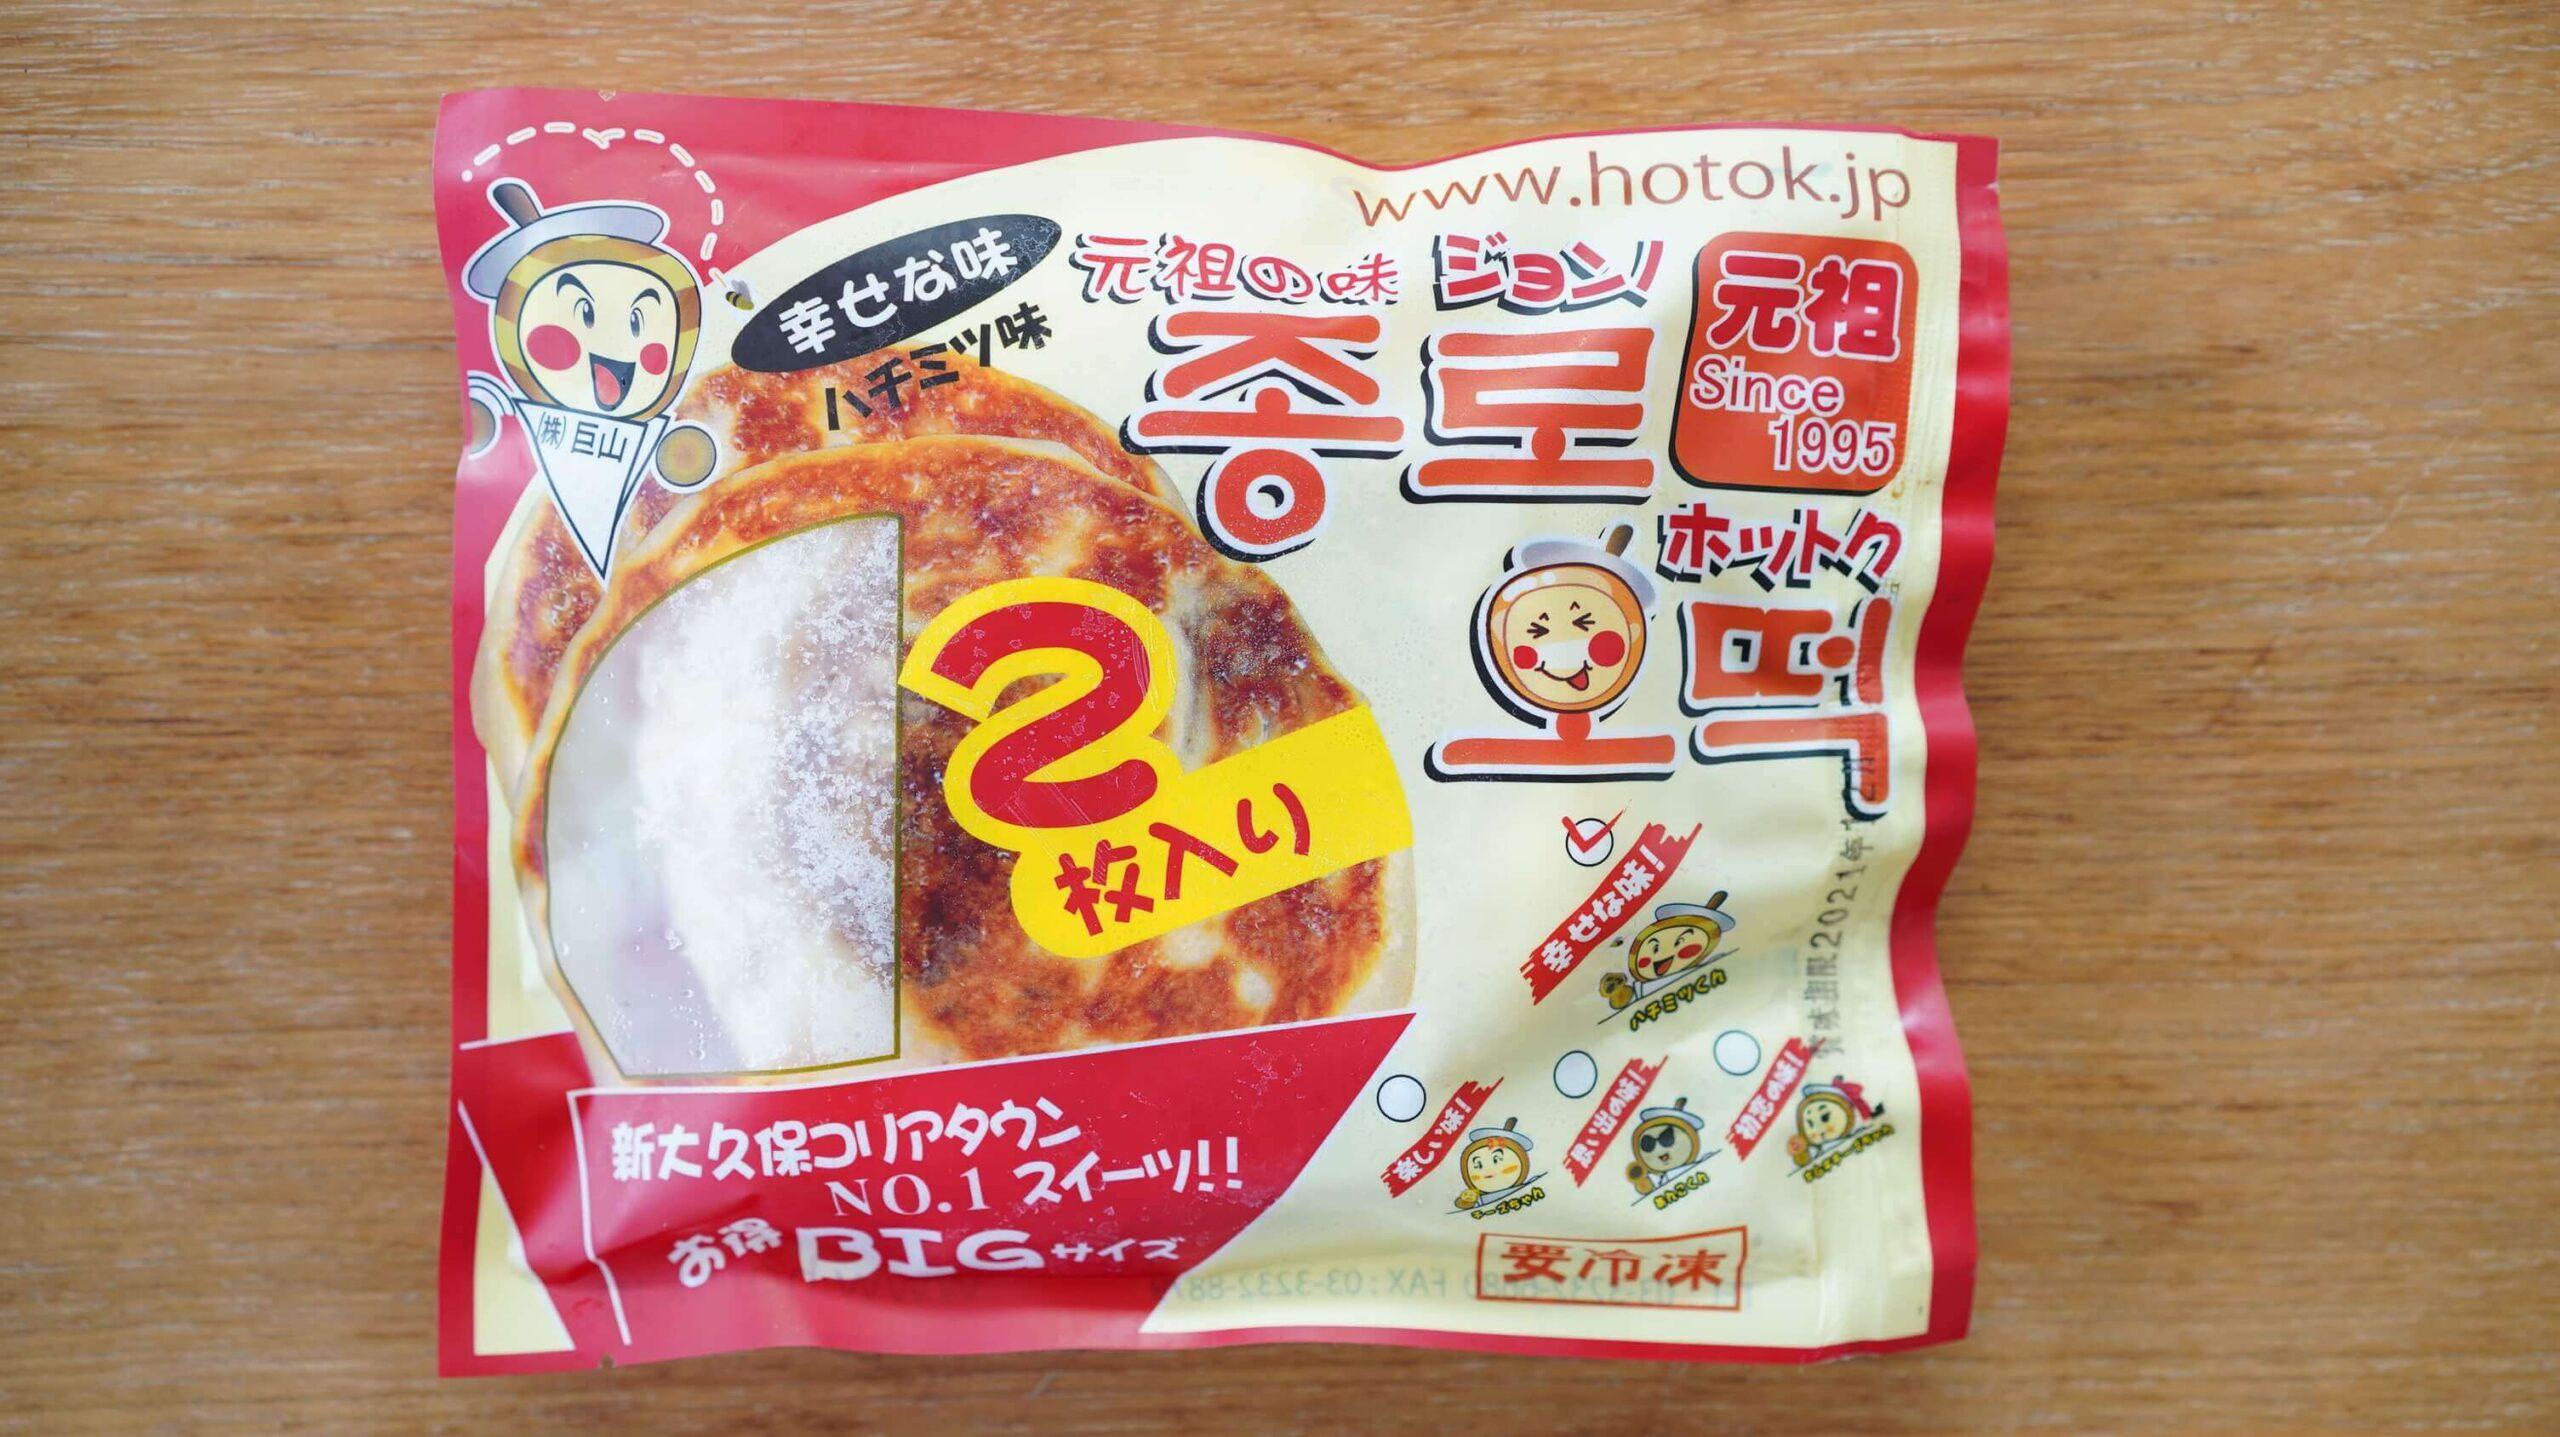 新大久保の人気店「ジョンノ・ホットク」のお取り寄せ用「冷凍ホットク」のパッケージ表面の写真